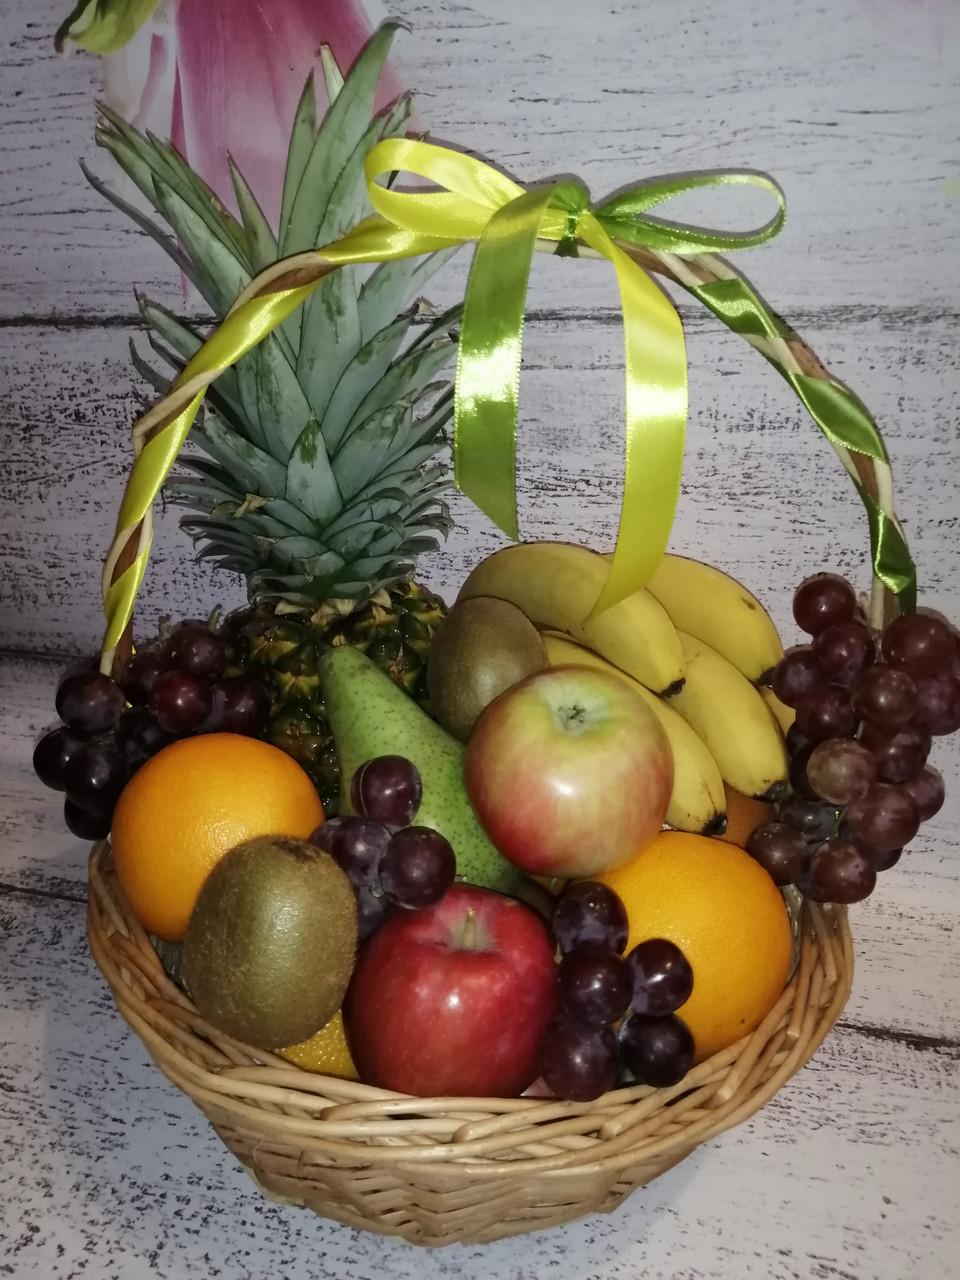 Корзина фруктовая подарочная поздравительная  съедобная с ананасом виноградом  апельсинами грушами бананы киви